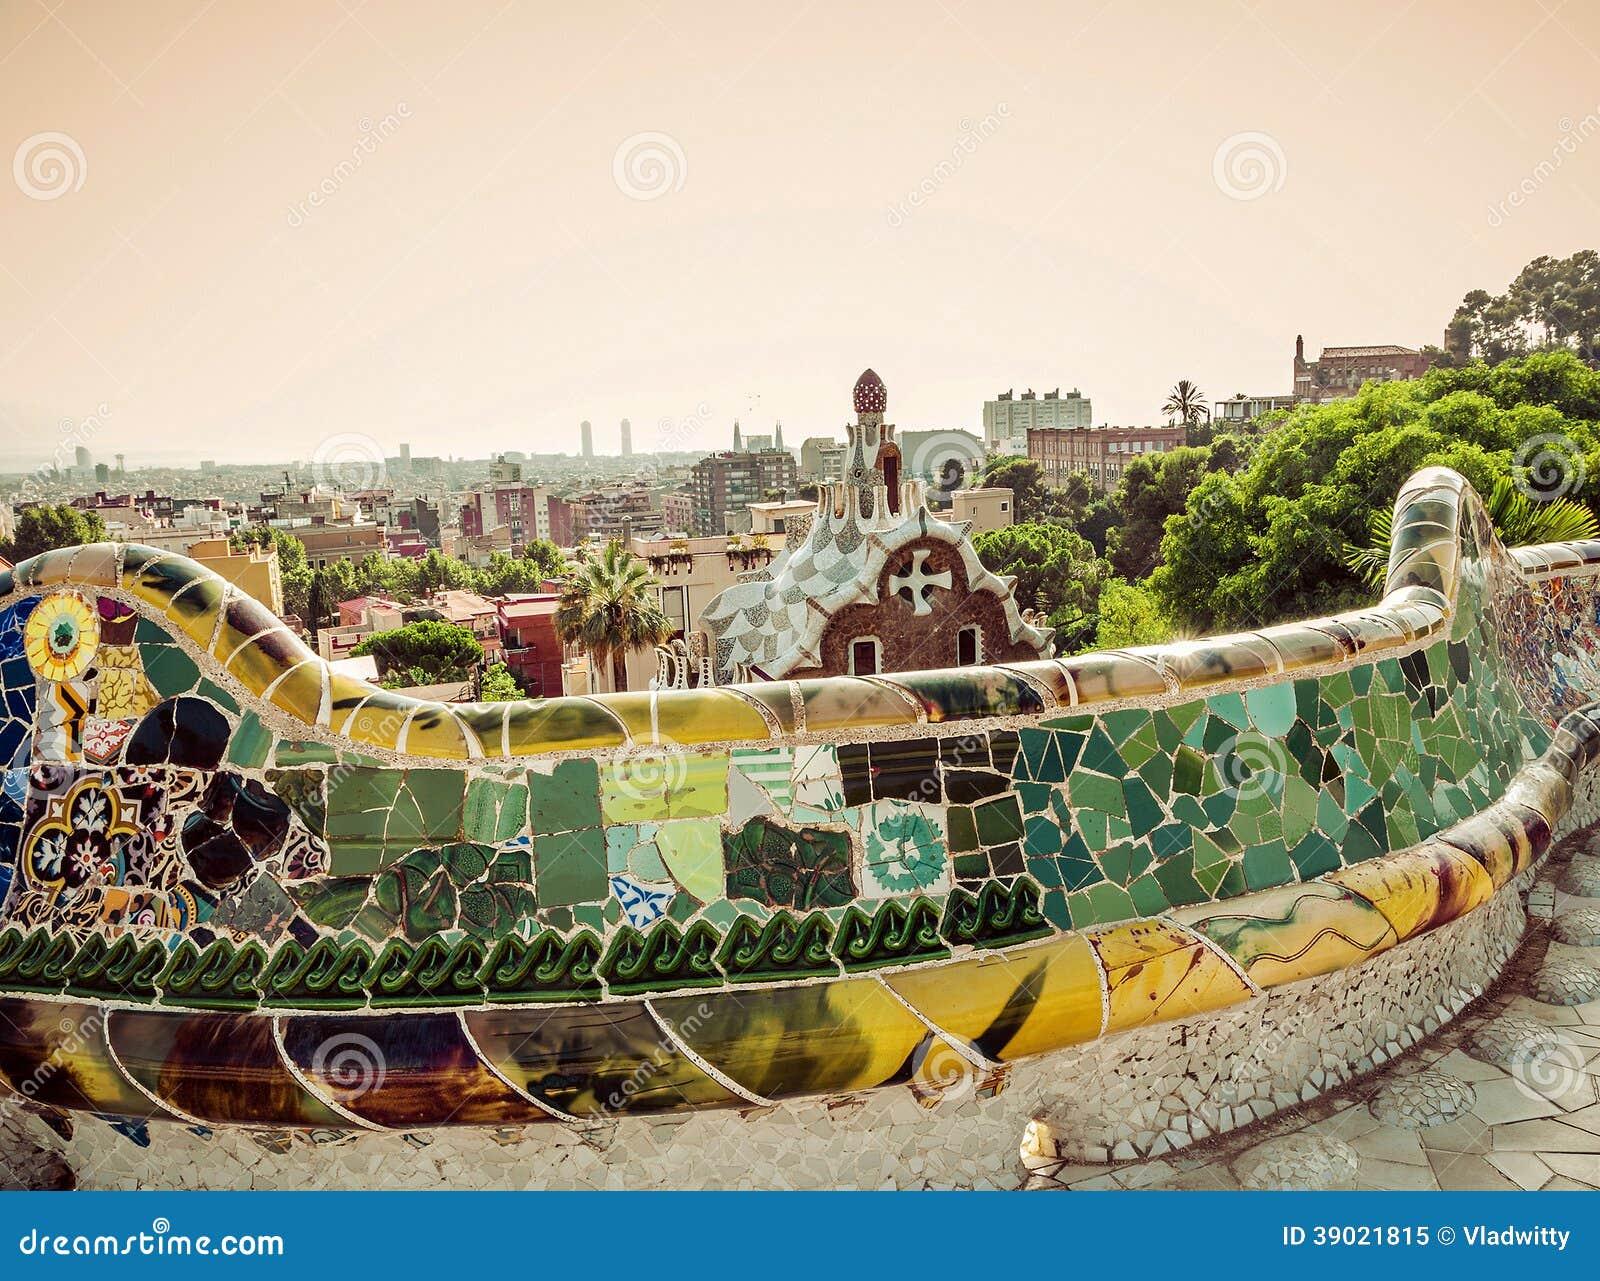 Designed by Antoni Gaudi in Barcelona